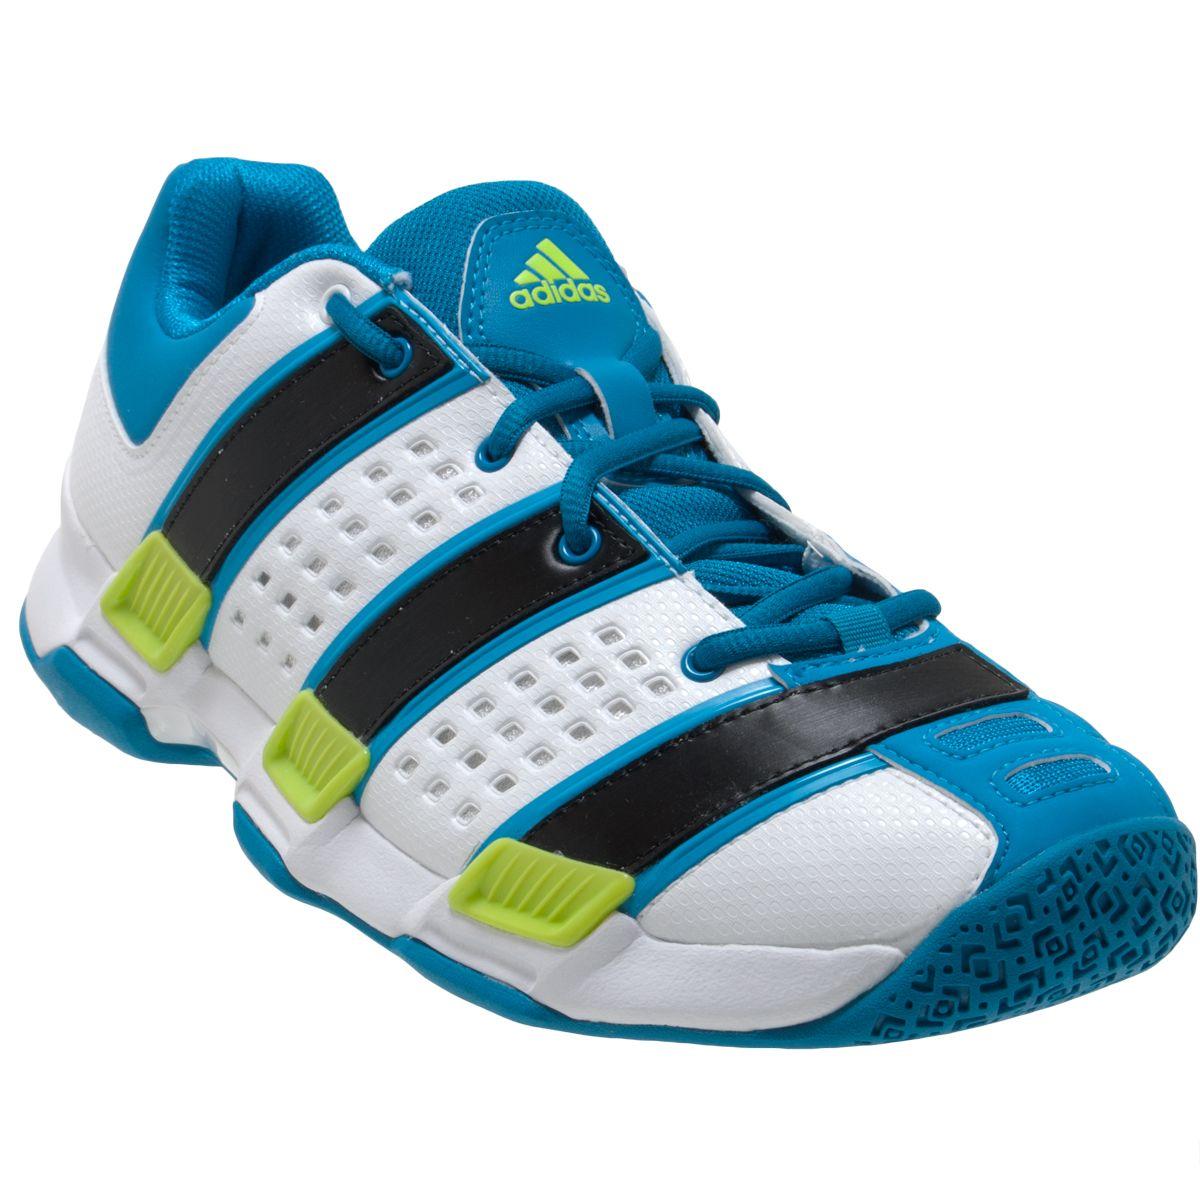 tenis para handebol adidas 1